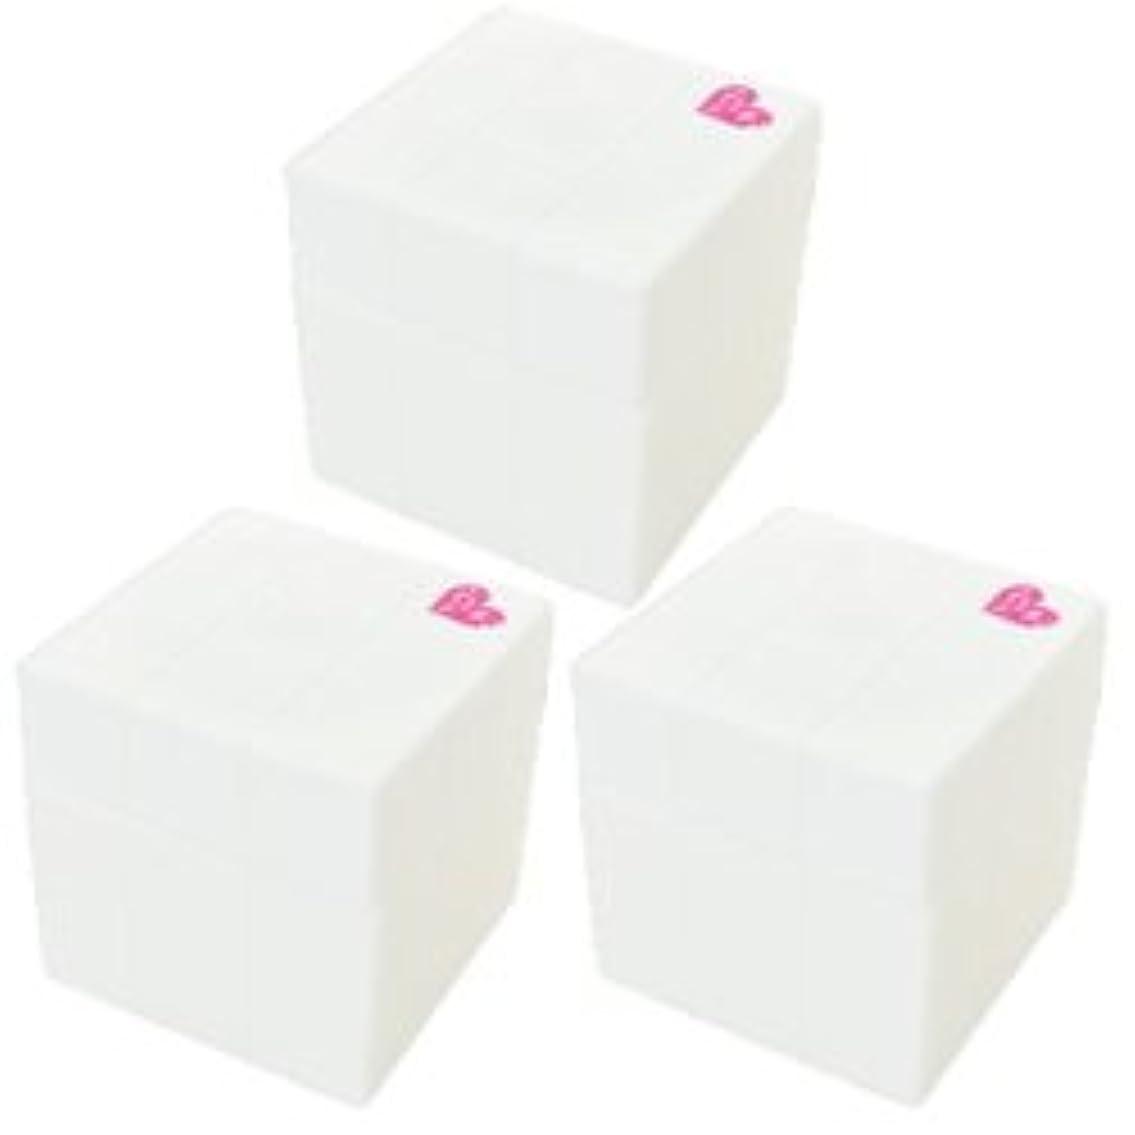 実験室反毒ノベルティアリミノ ピース グロスワックス80g(ホワイト)3個セット